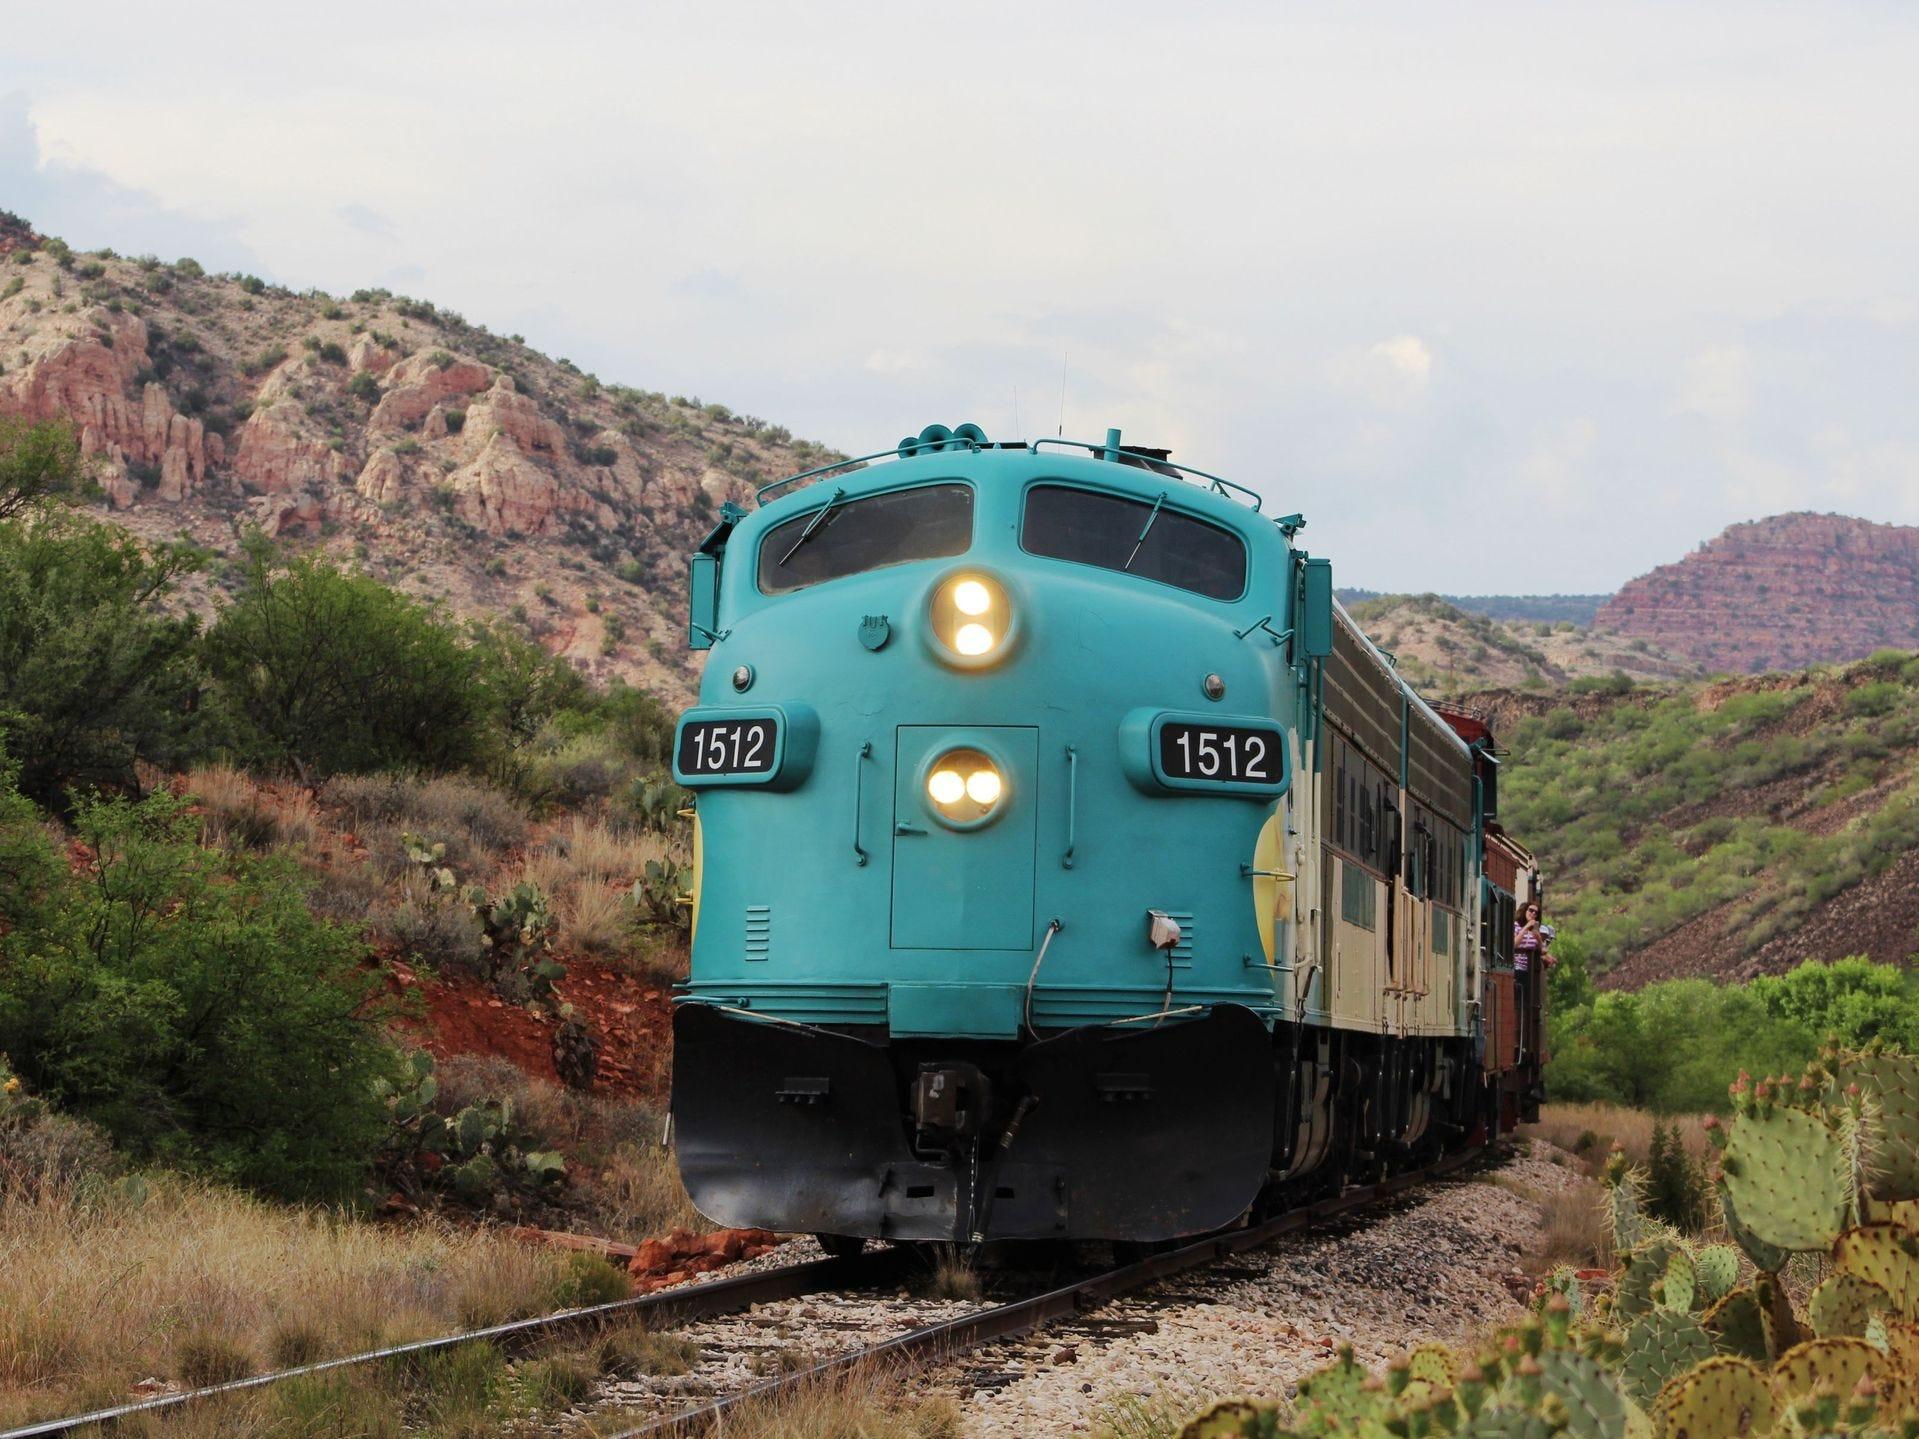 Las locomotoras diésel vintage FP7 proporcionan el poder para Verde Canyon Railroad.